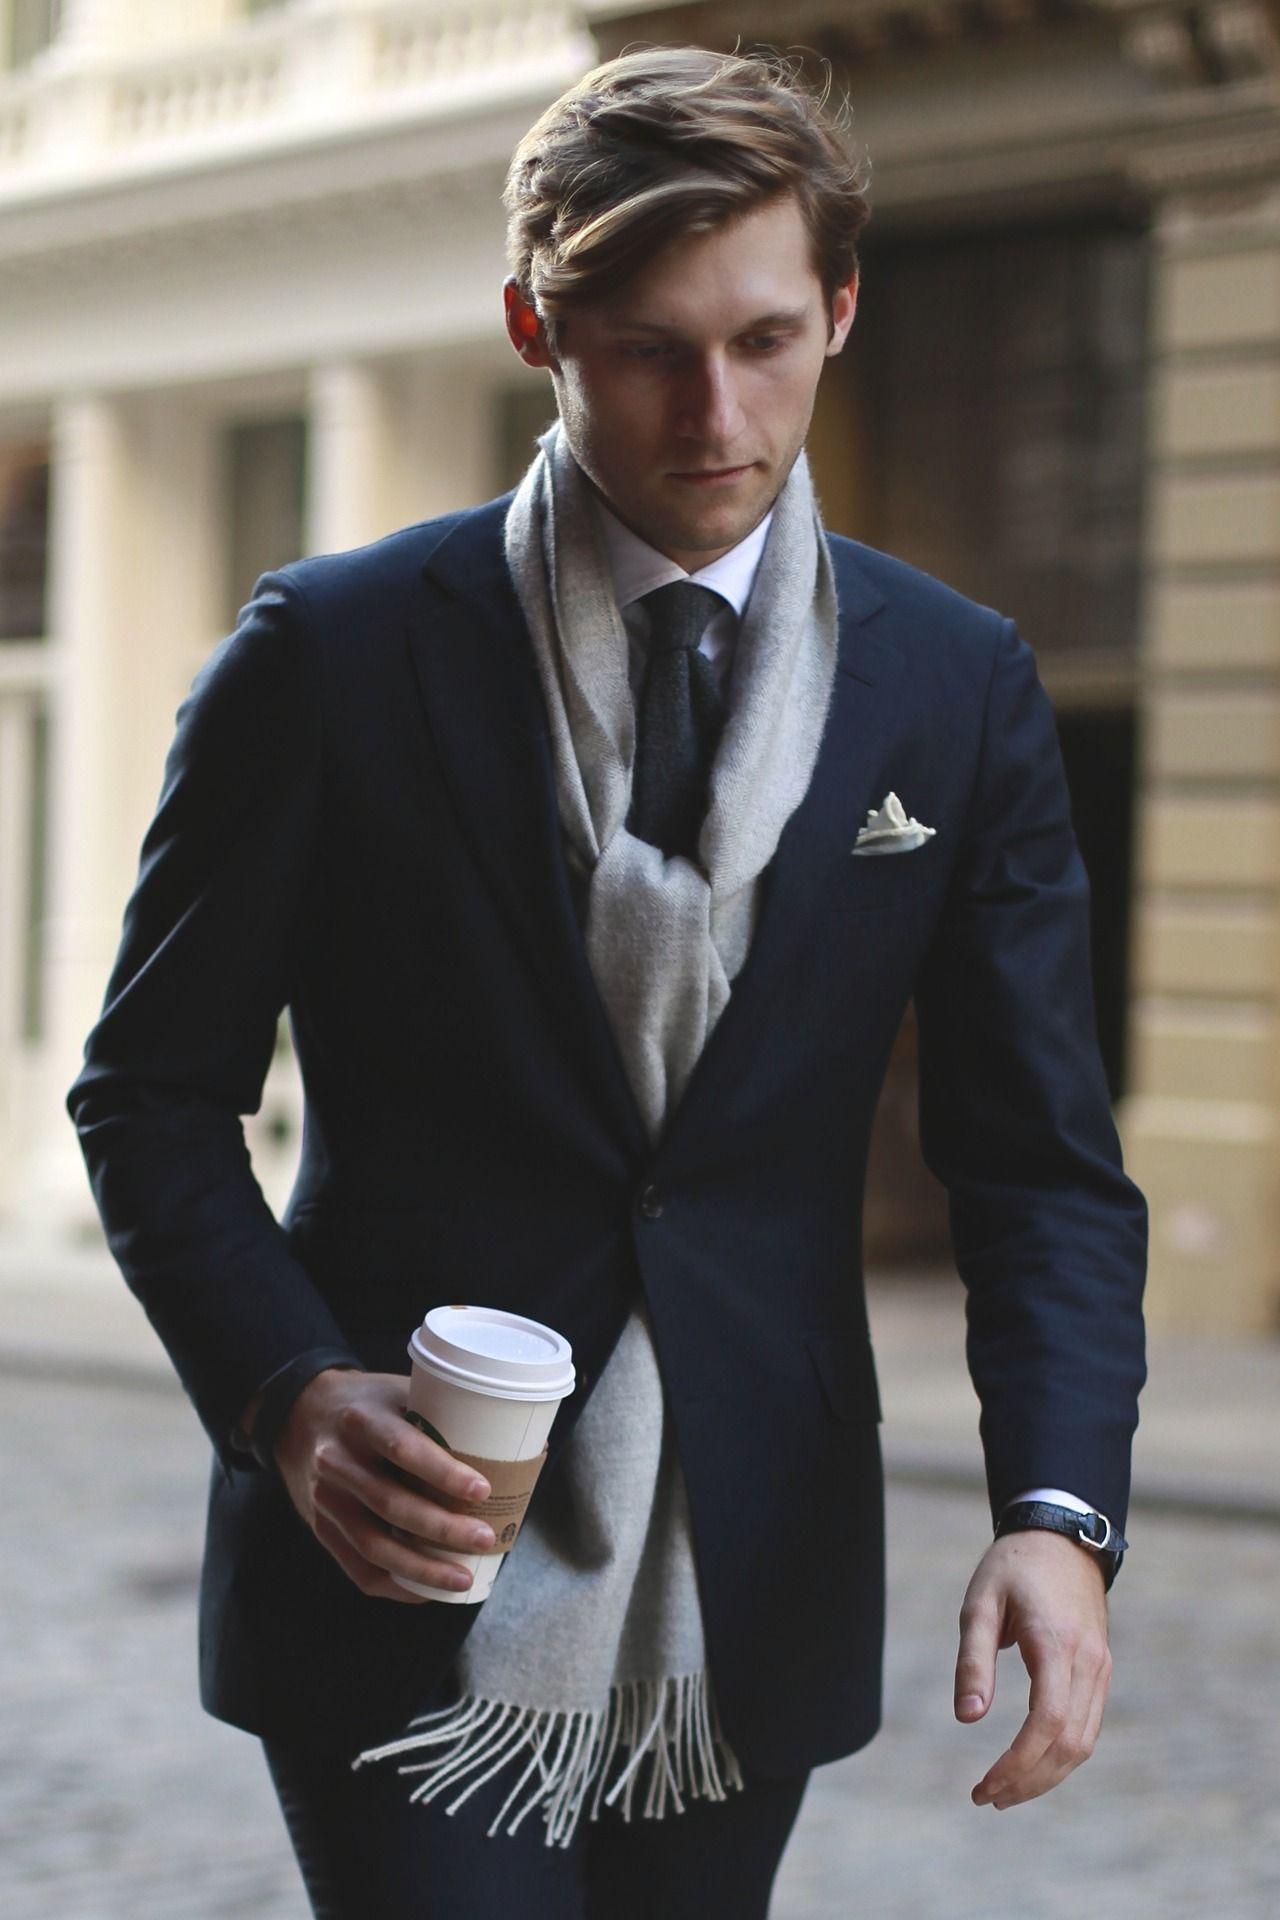 Costume + écharpe. Echappe-t-pn vraiment au froid comme ça   elegance vs   winter 2db50220b60d